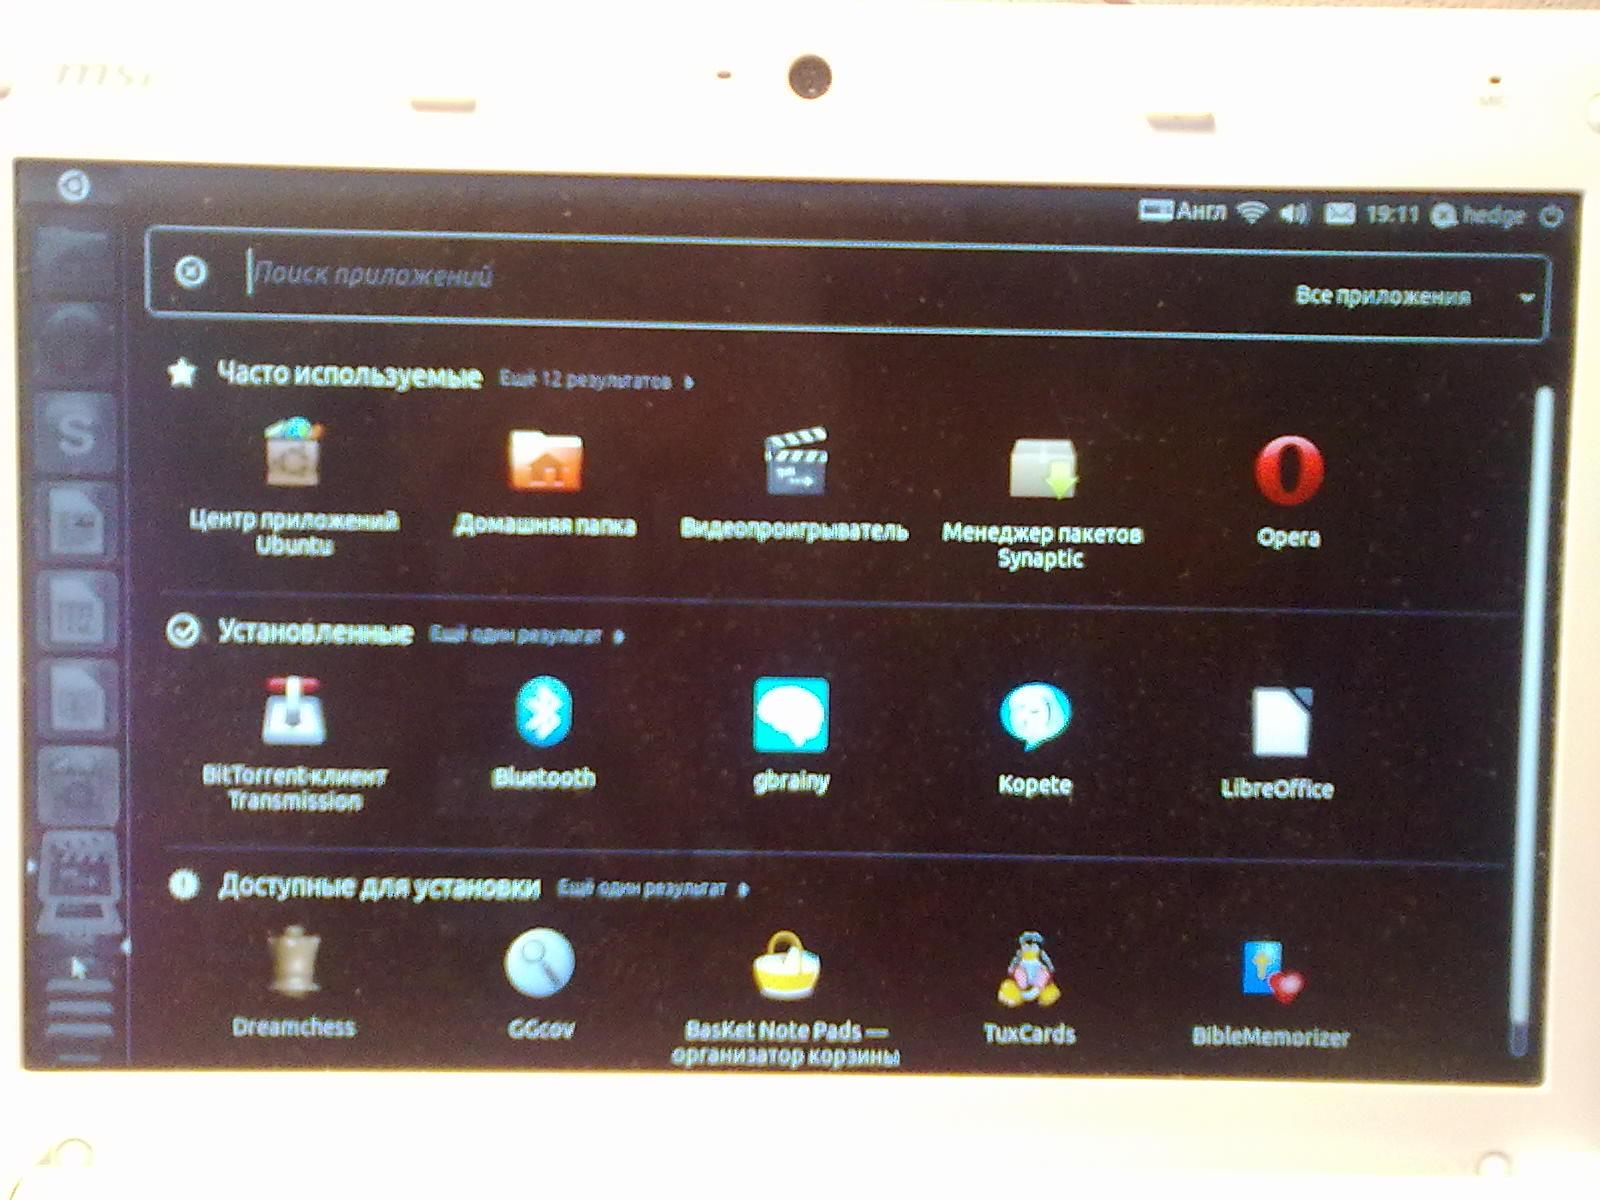 http//stopLinux.org.ru/uploads/images/Ubuntu-11.04/003.jpg